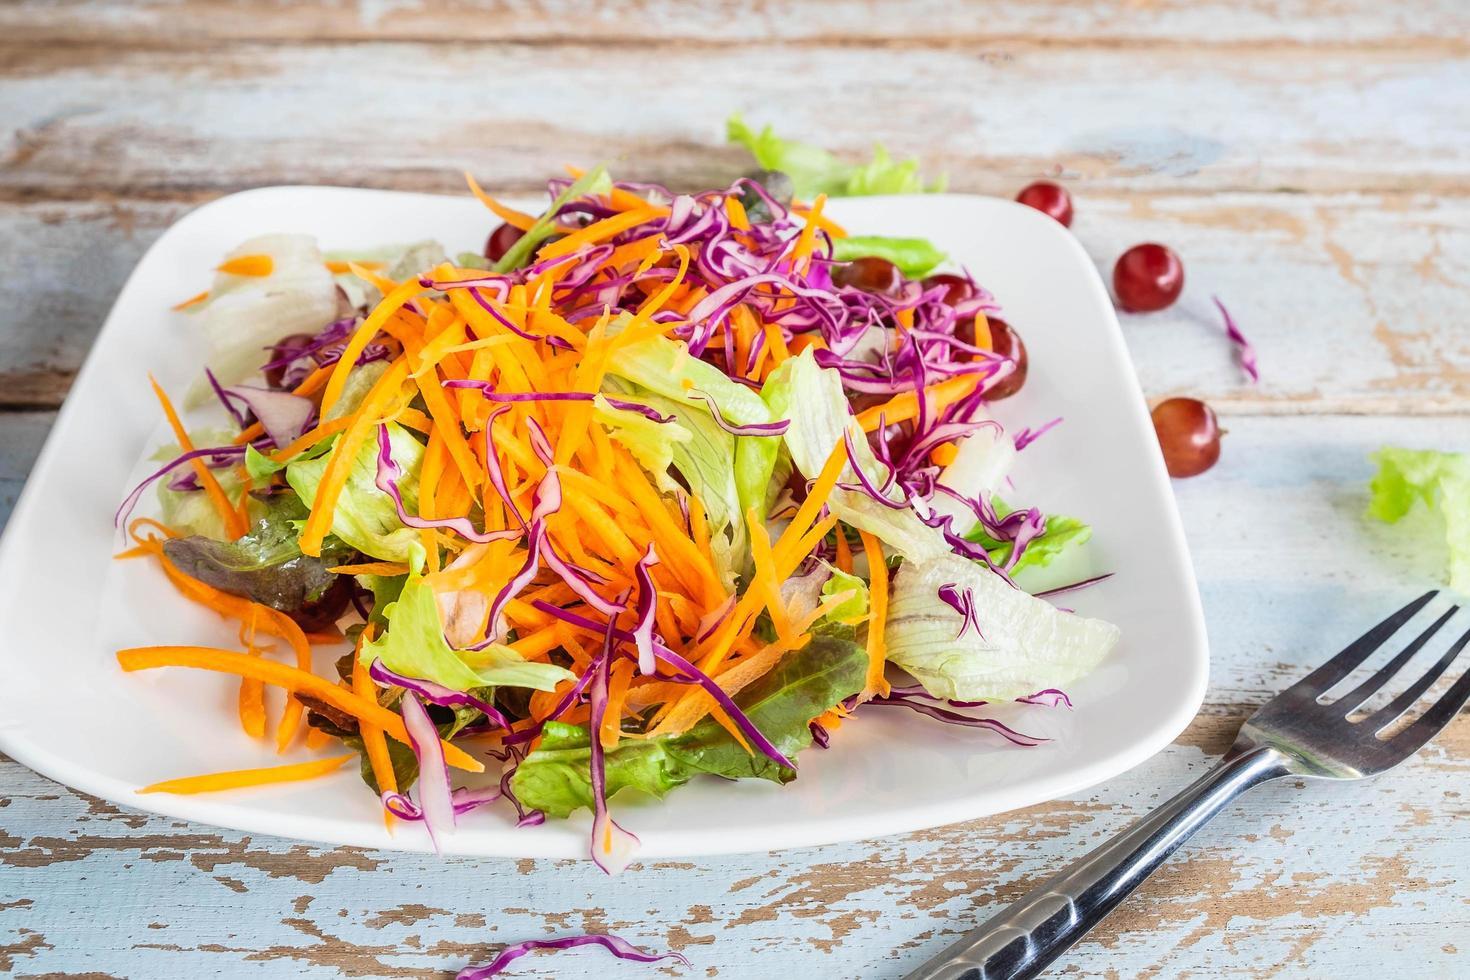 Vegetable salad on plate   photo